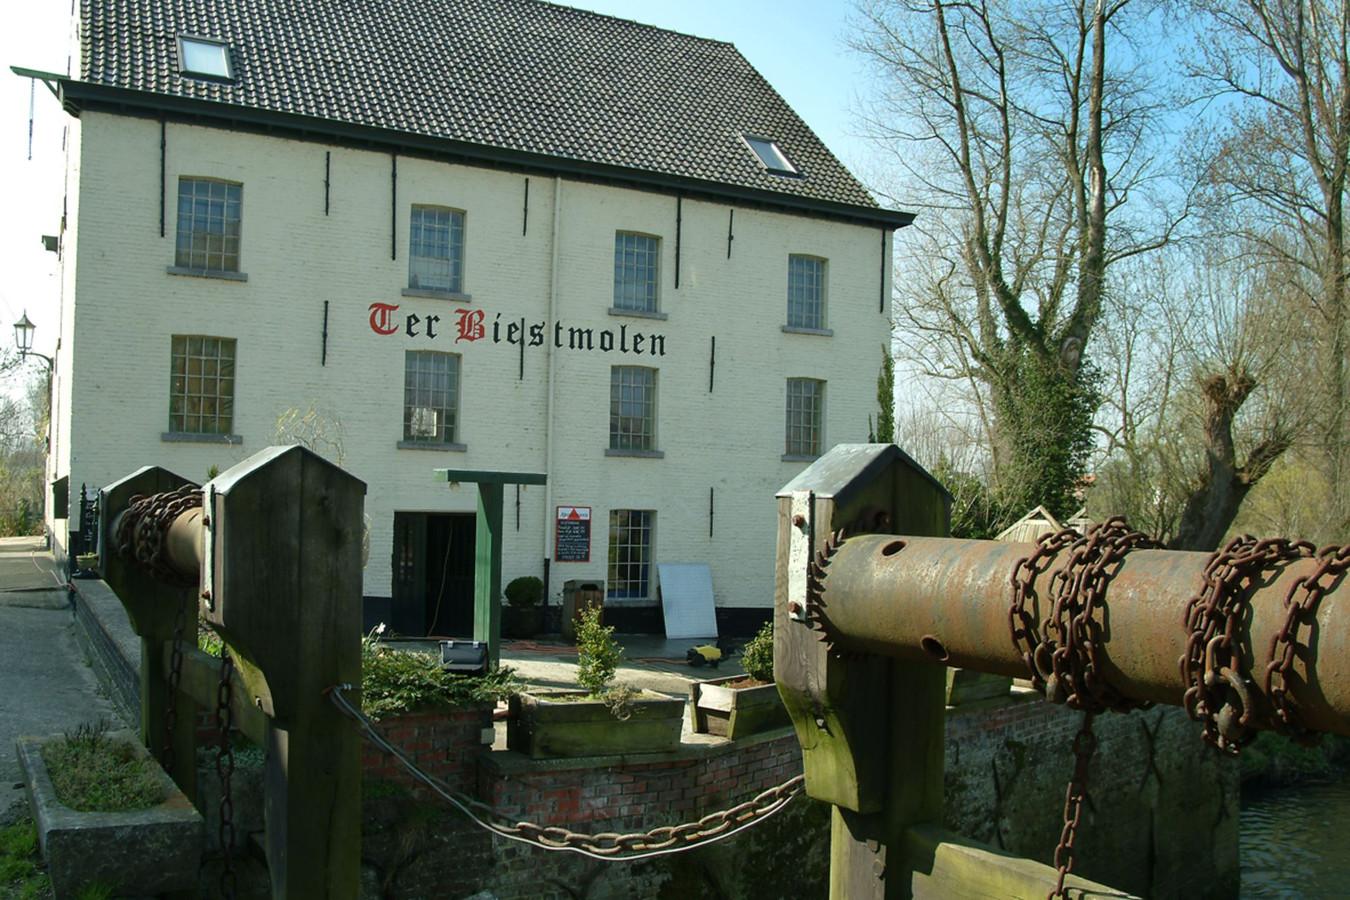 Restaurant Ter Biestmolen.